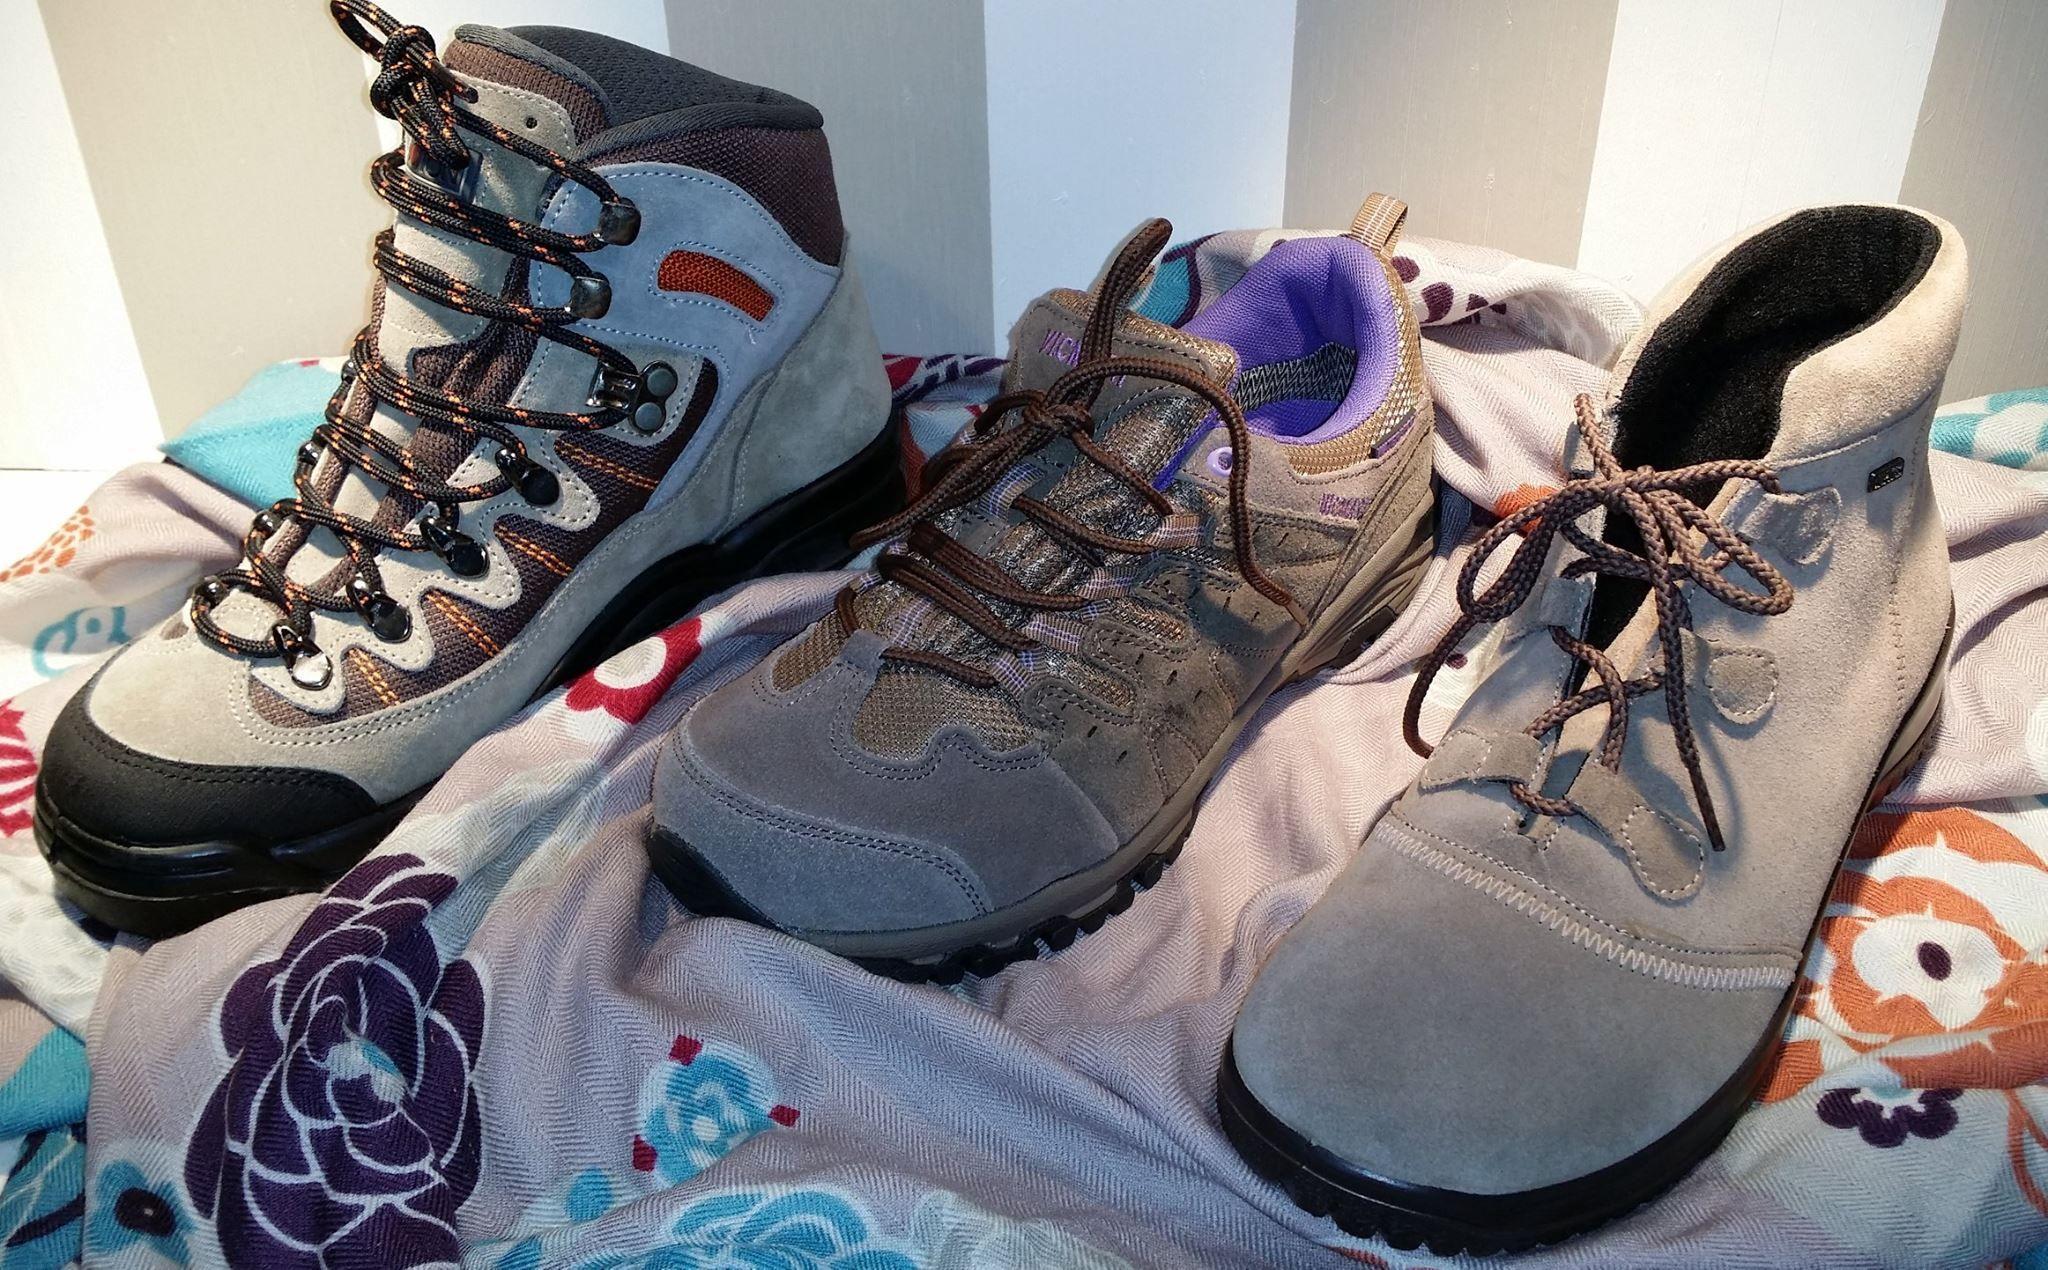 Botas para Trecking: Calzado para hombre y mujer de Calzados Carabaza